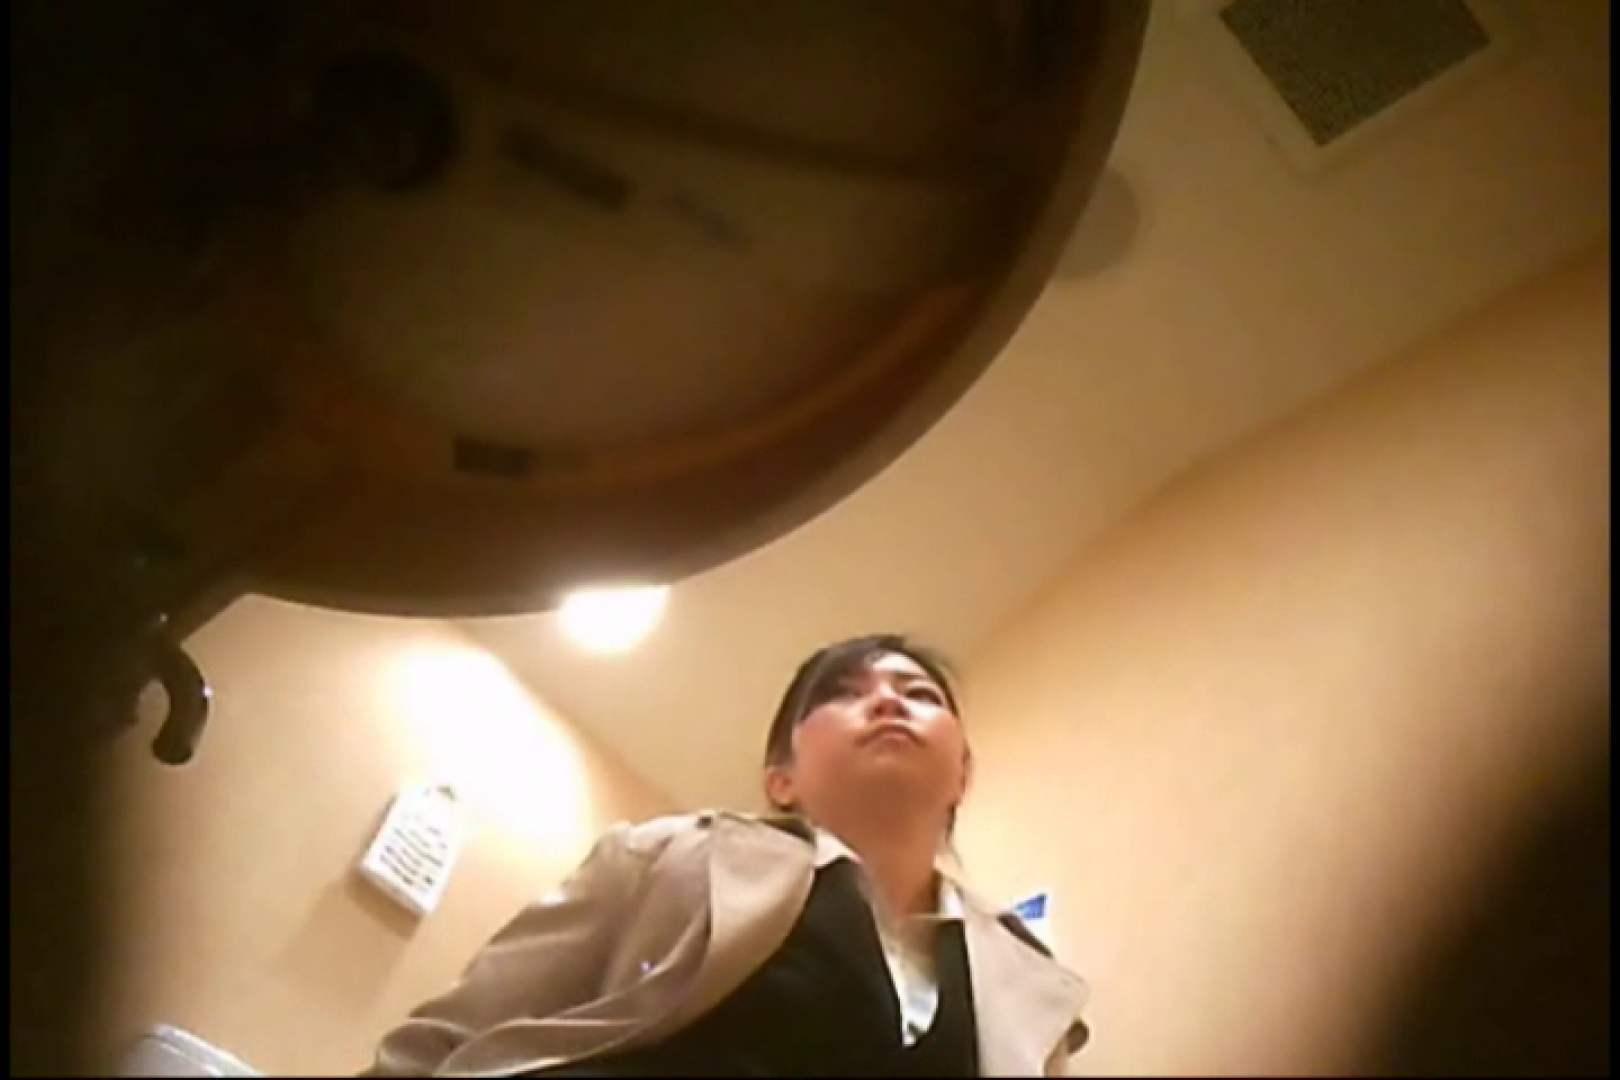 潜入!!女子化粧室盗撮~絶対見られたくない時間~vo,79 潜入突撃 ぱこり動画紹介 75pic 72